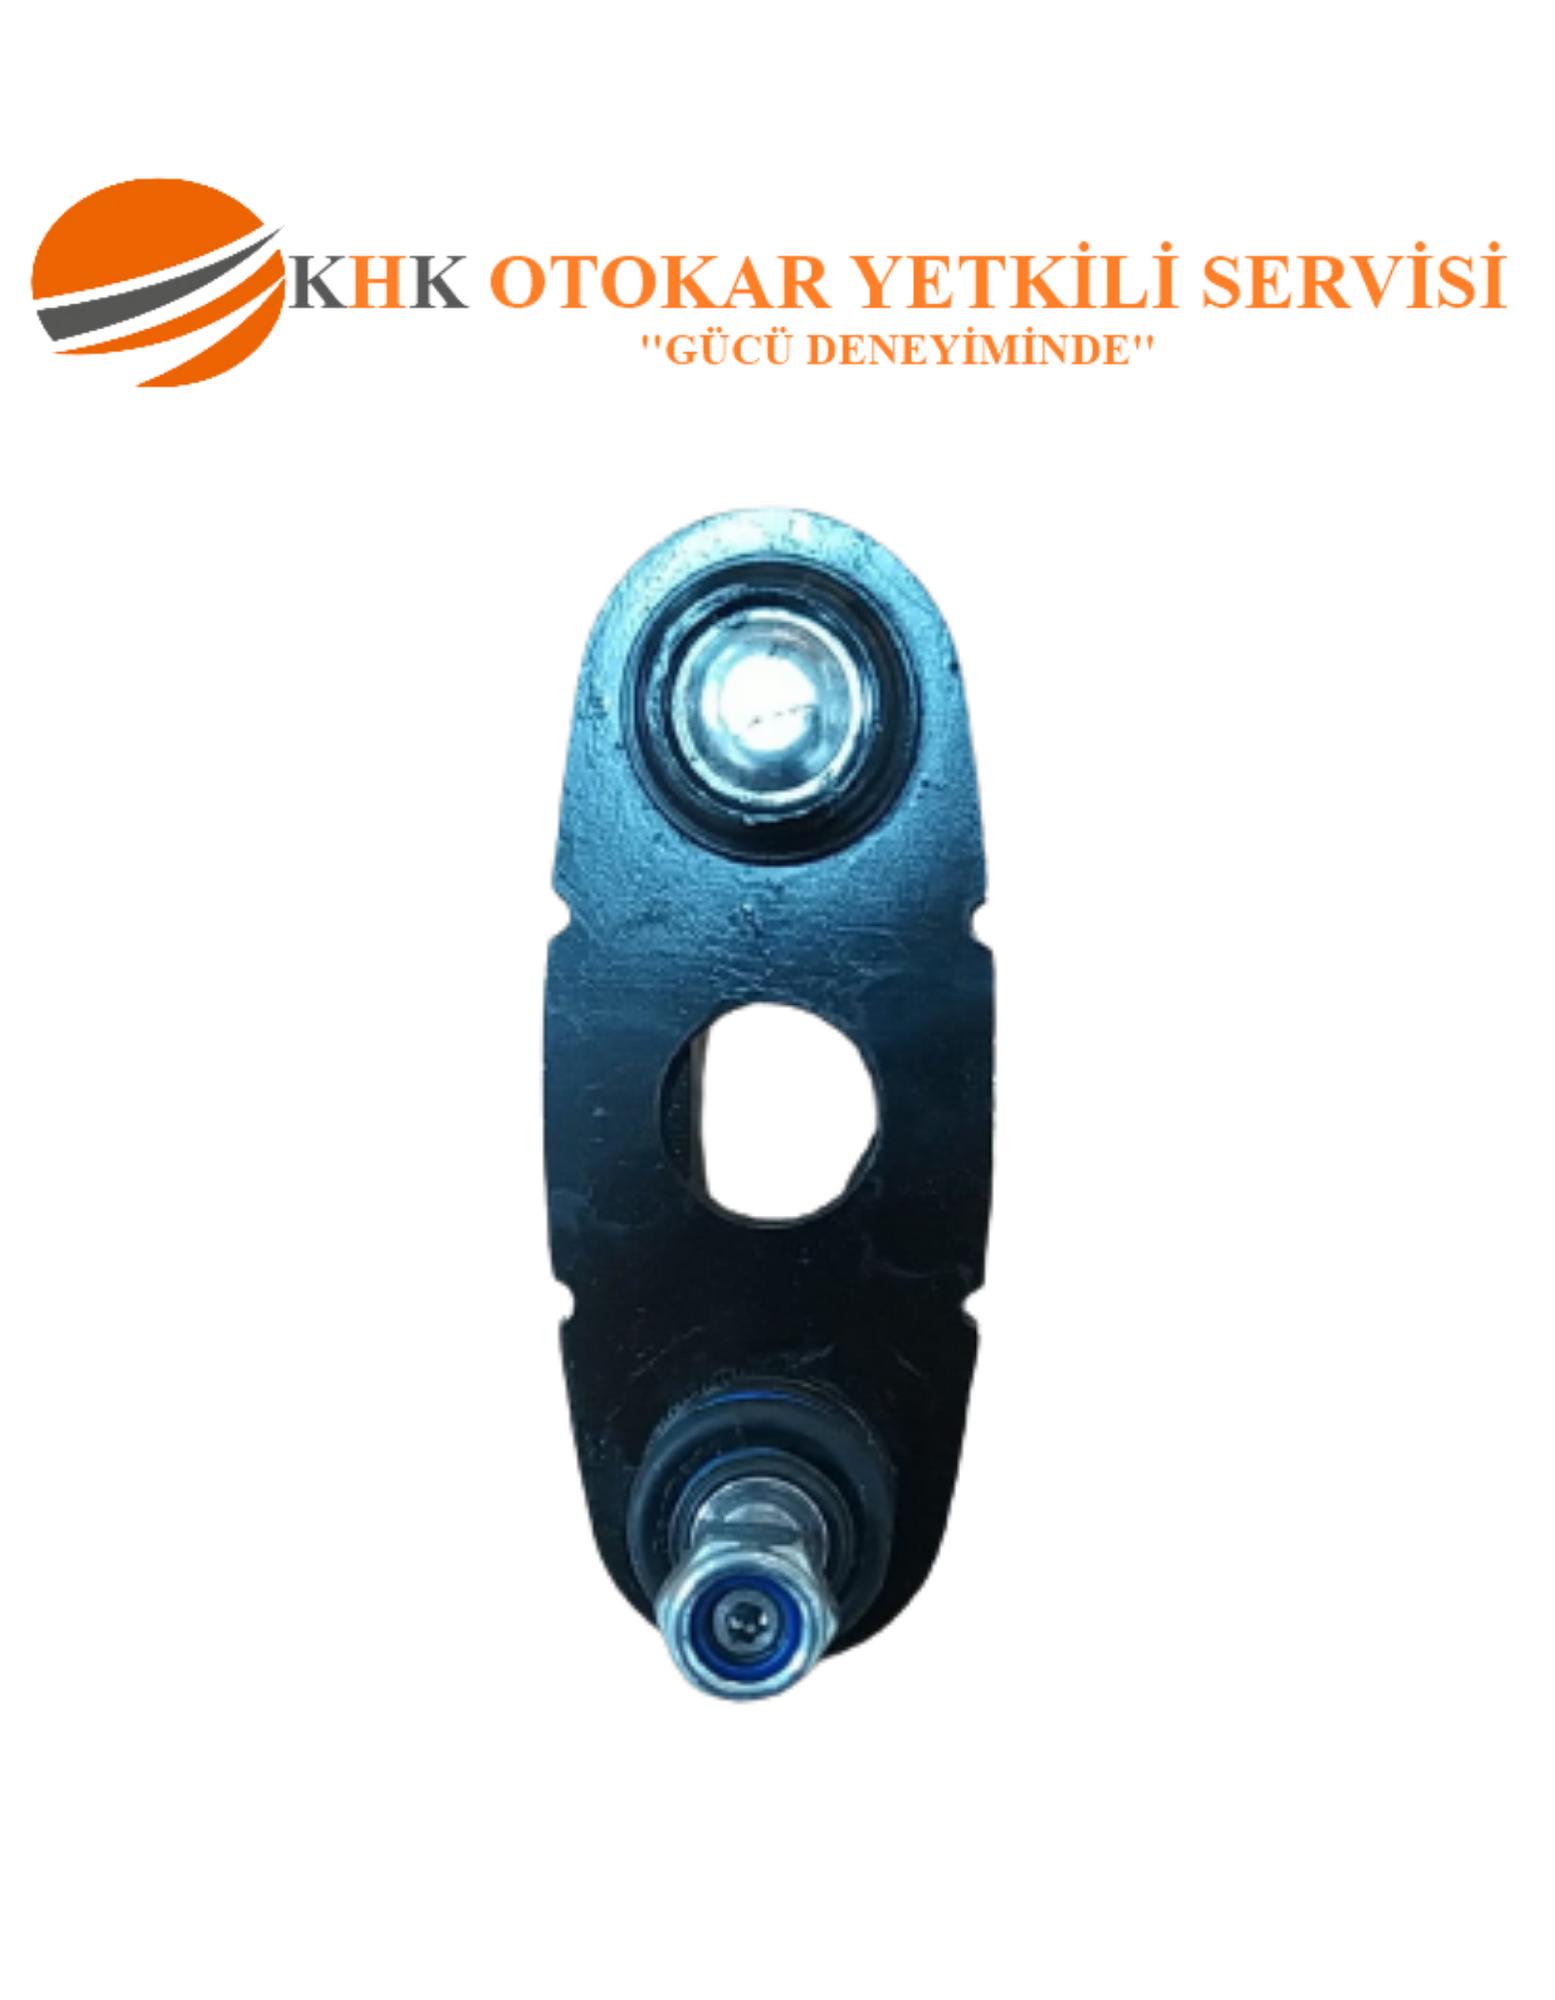 VİTES AYIRMA DİRSEK KOLU SCANİA GRS905